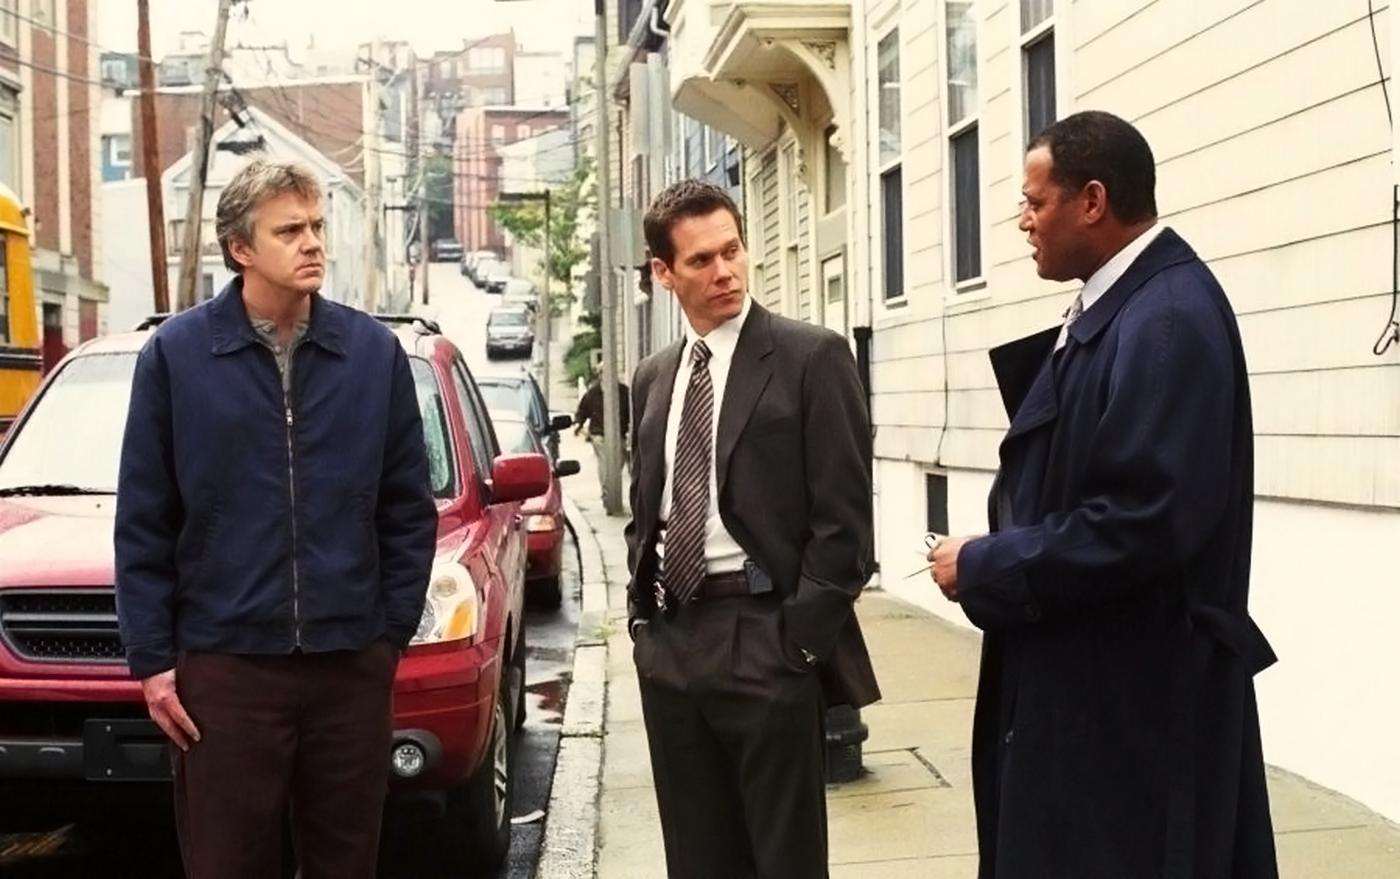 Jimmy, Sean ve Dave isimli üç çocuğun geçmişte yaşadıkları kötü olaylar üzerine kurulu film, kişisel gelişim filmleri arasındaki yerini almıştır.